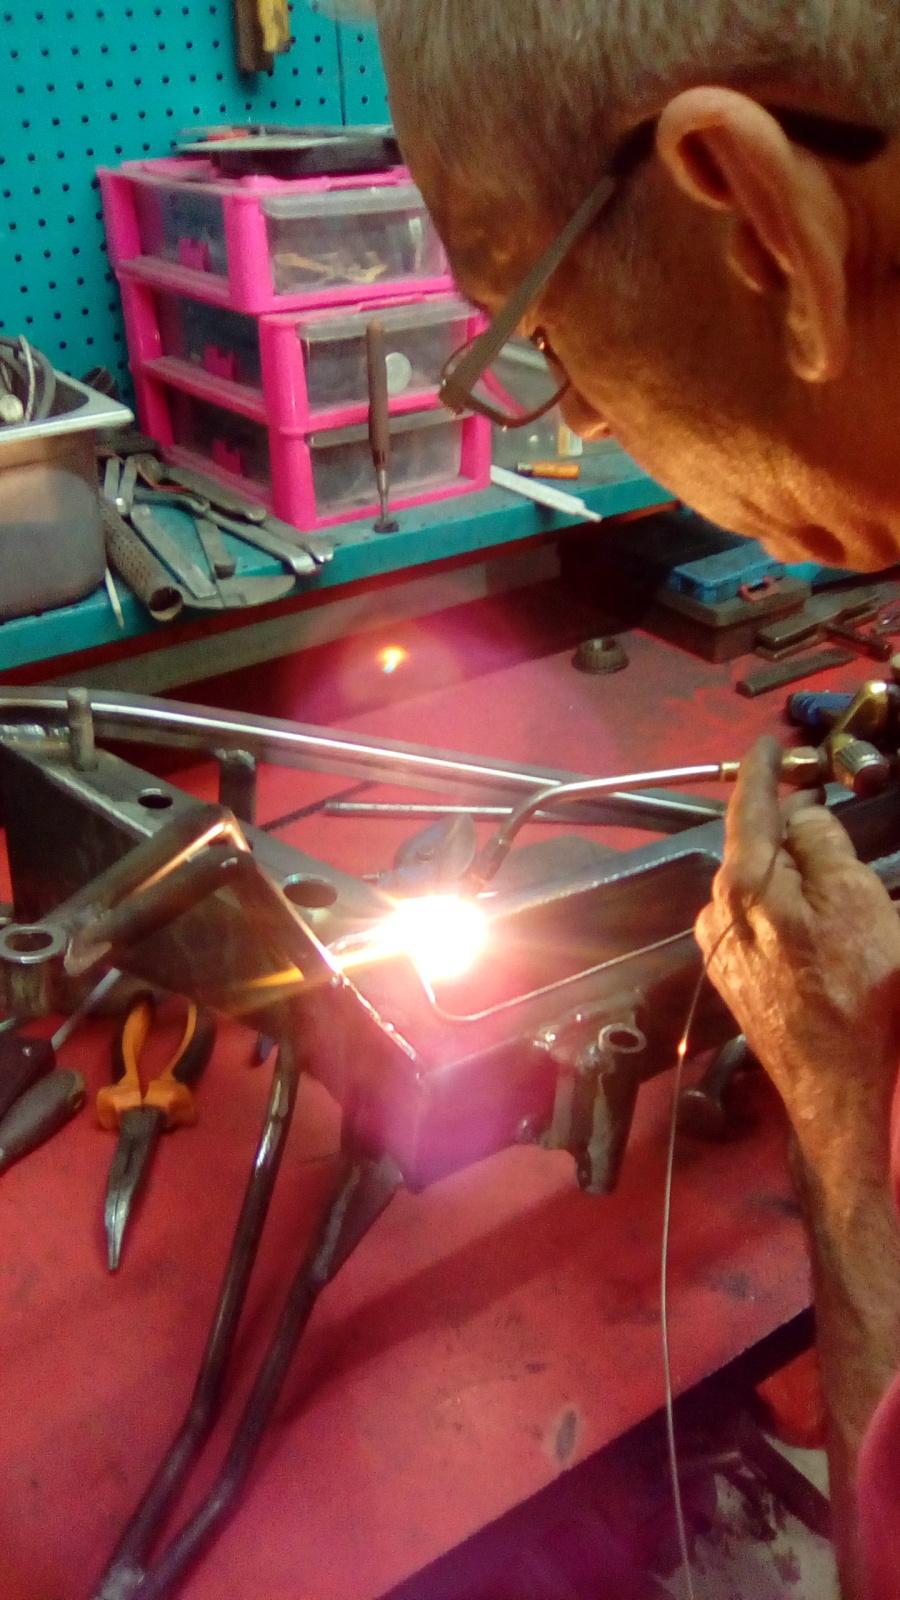 Proyecto Vespino de 65 cc. de Velocidad. - Página 4 Fuf7n